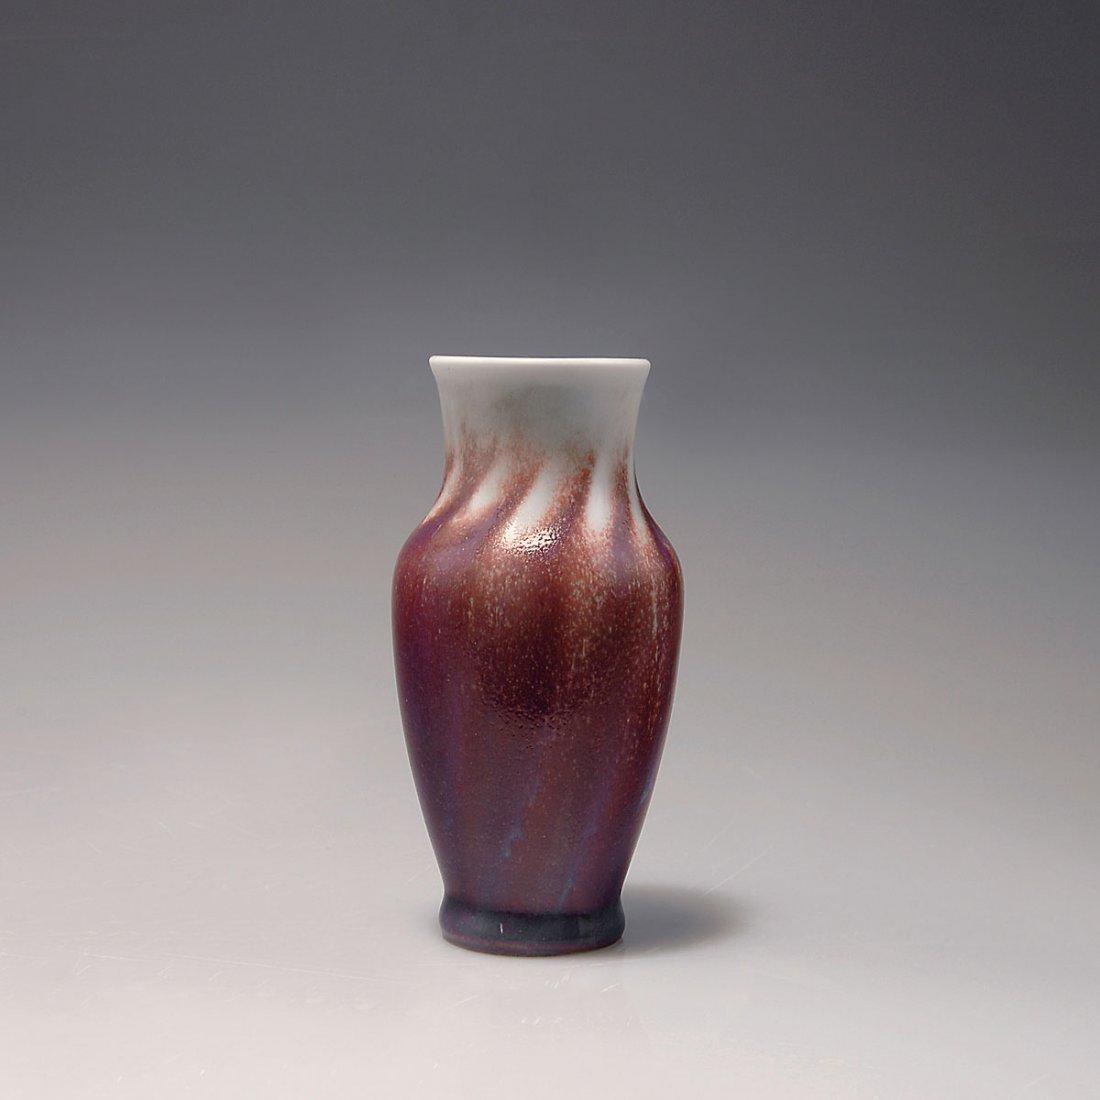 514: Small vase, c1900